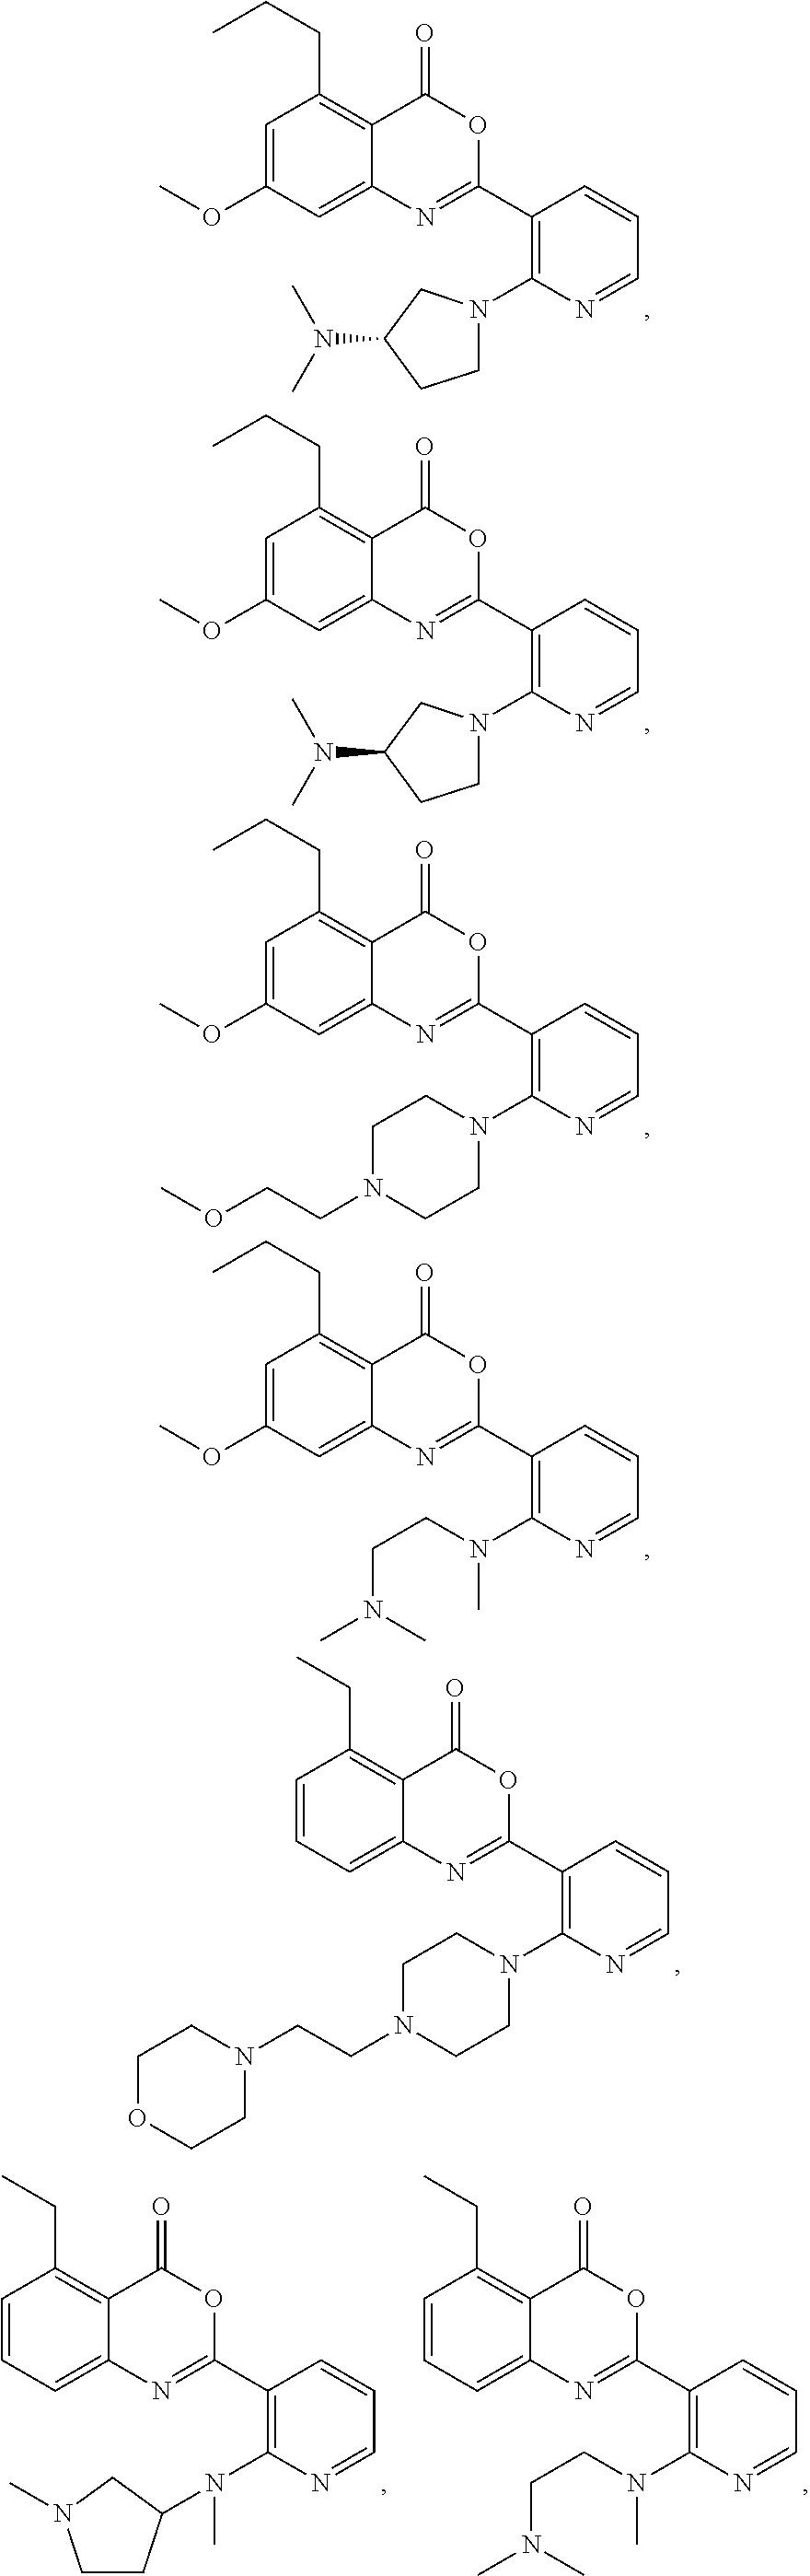 Figure US07879846-20110201-C00399